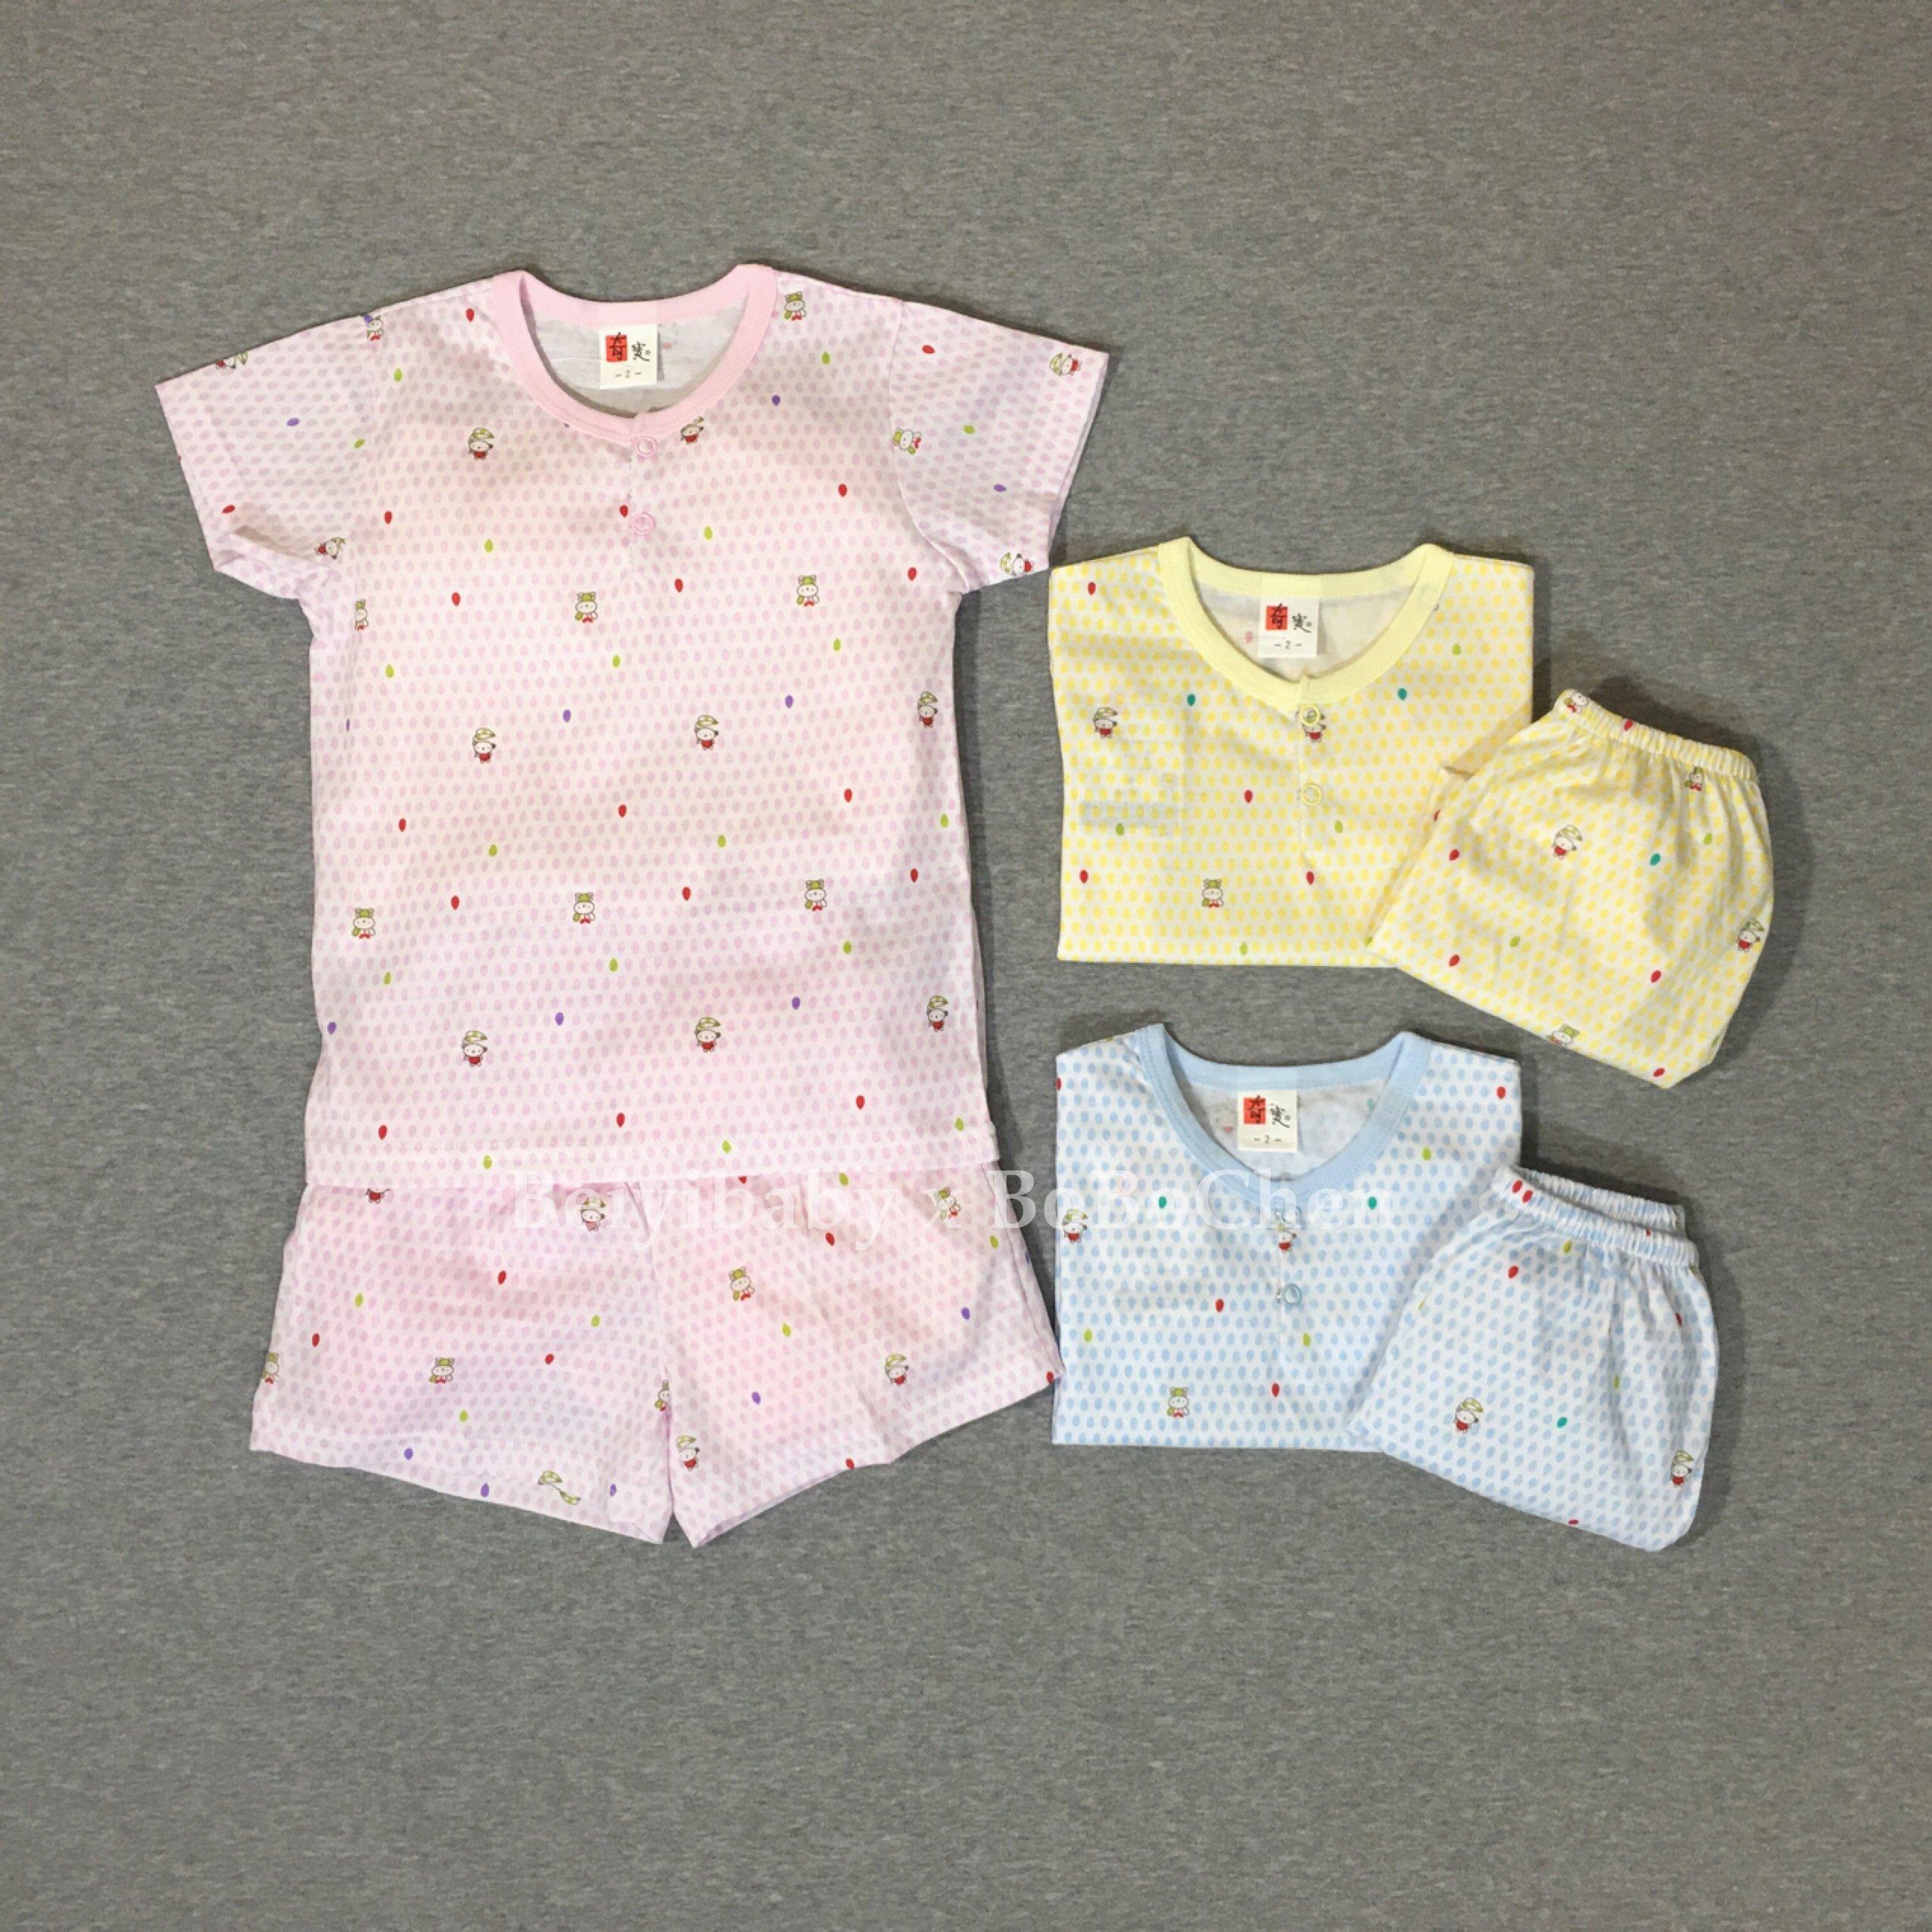 奇寶 17011雨滴熊短袖半開套裝 居家服 短套裝- 布料